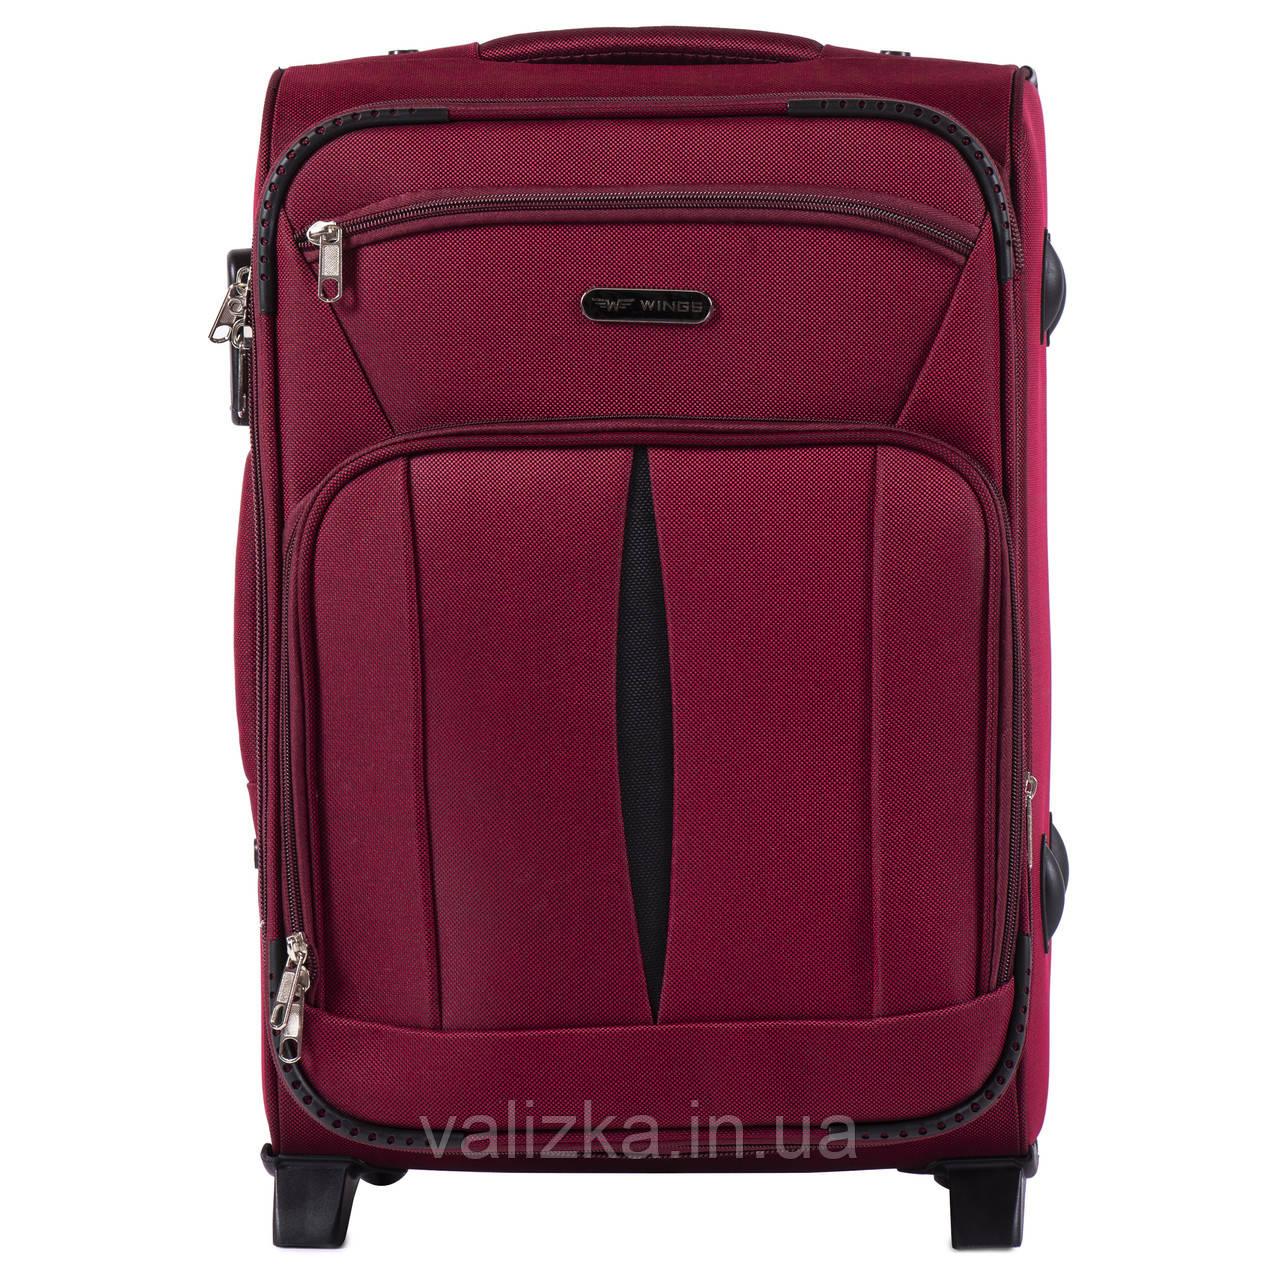 Малий текстильний валізу червоний з розширювачем Wings 1601